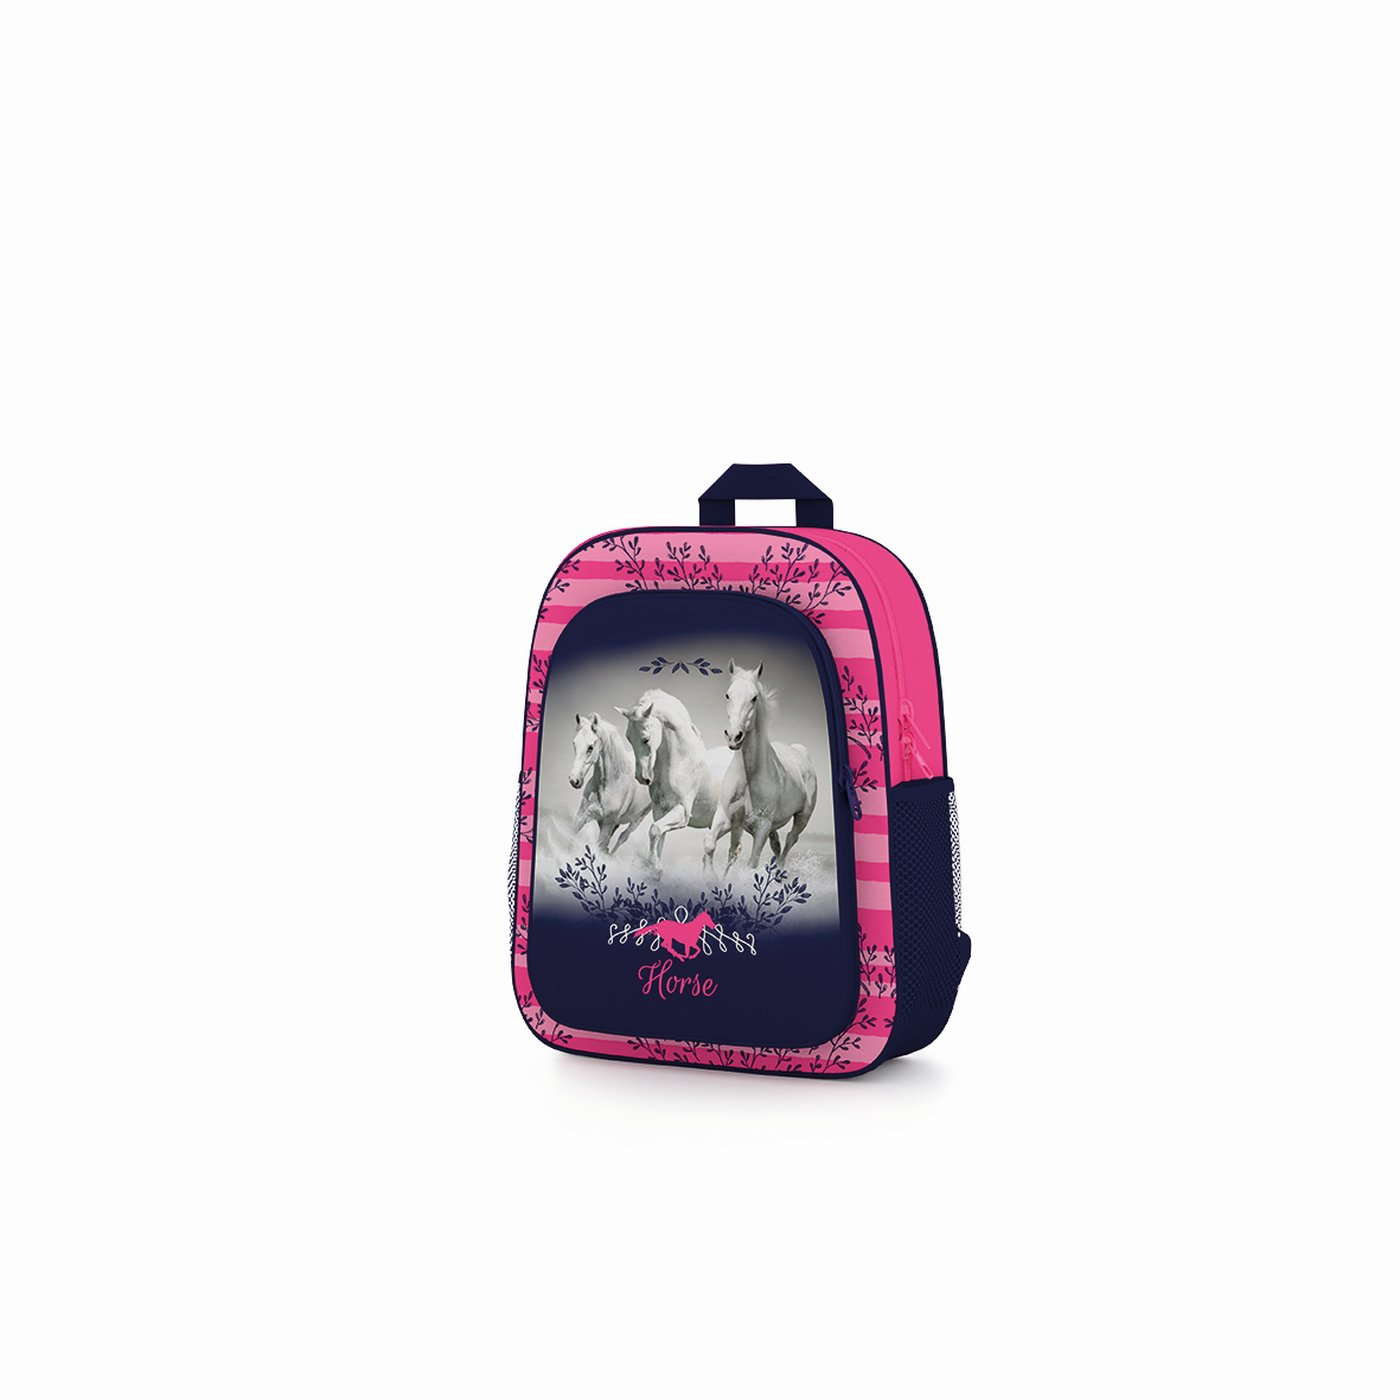 Batoh dětský předškolní kůň fac5177ebf